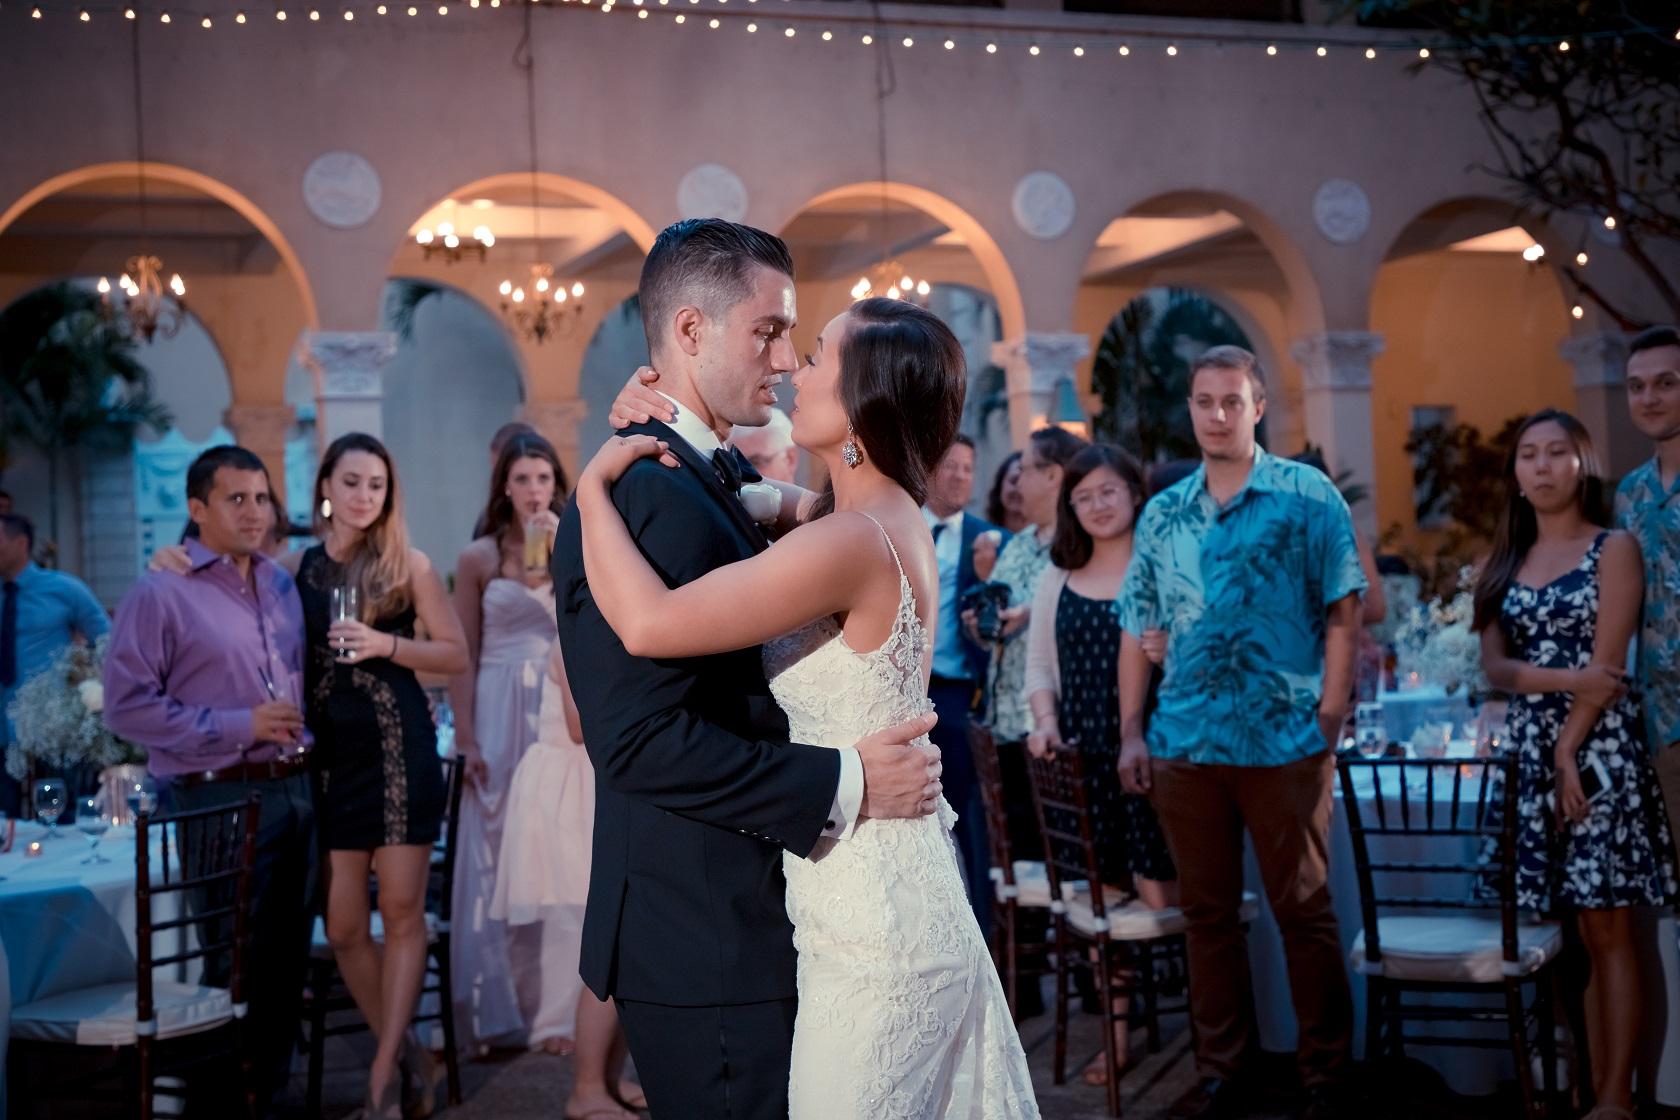 casablanca wedding first dance portrait